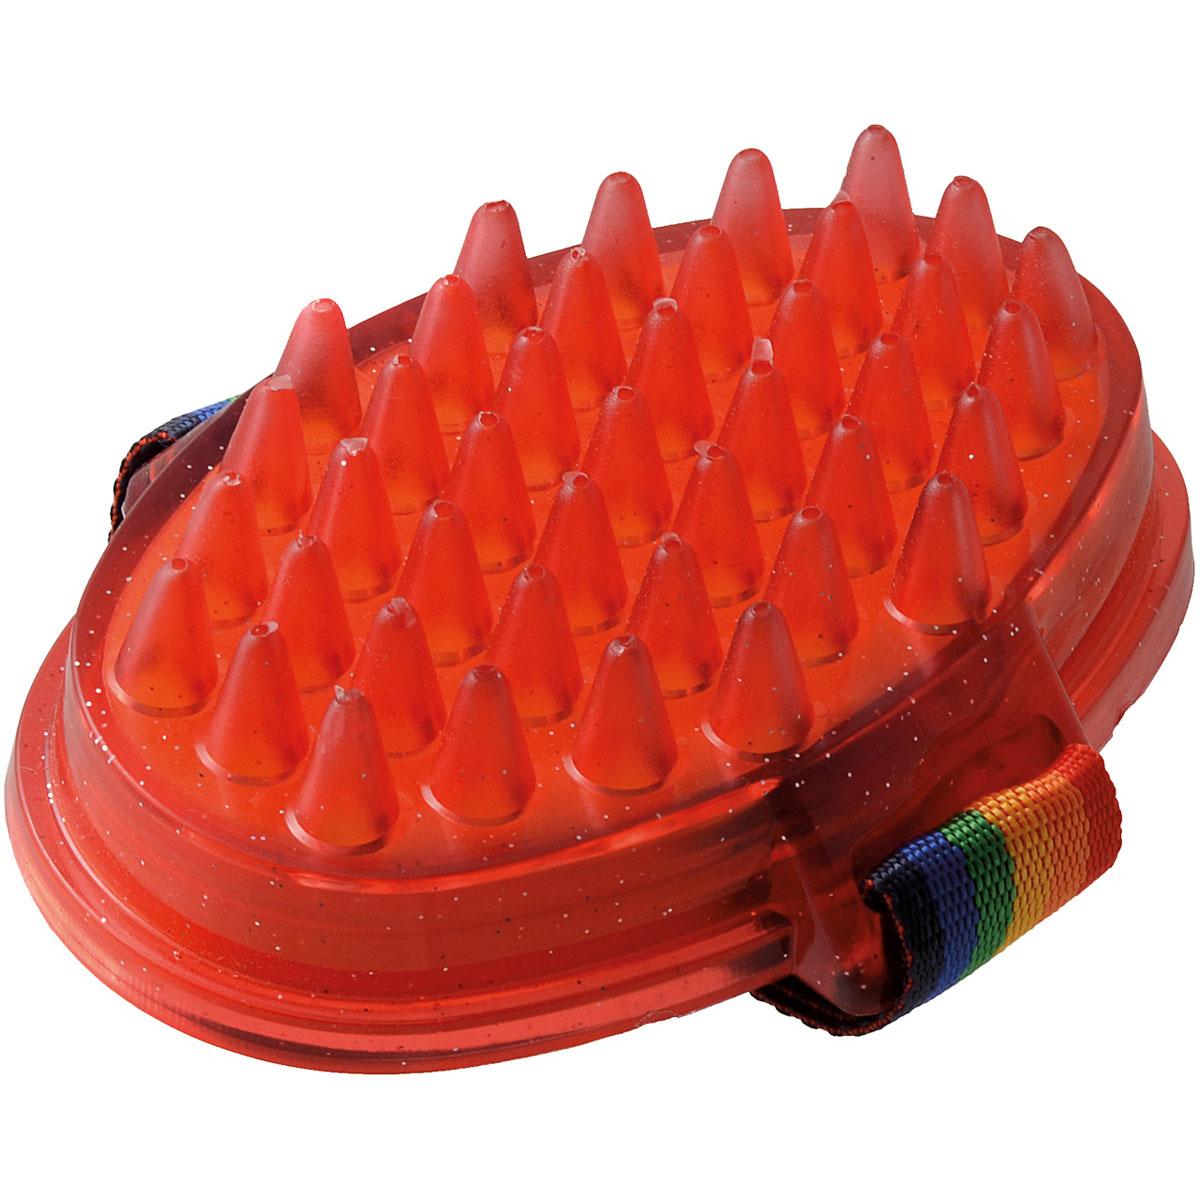 Щетка резиновая на руку для мытья и массажа Hello Pet, с емкостью для шампуня3356Рукавица предназначена для чистки шерсти у животных.